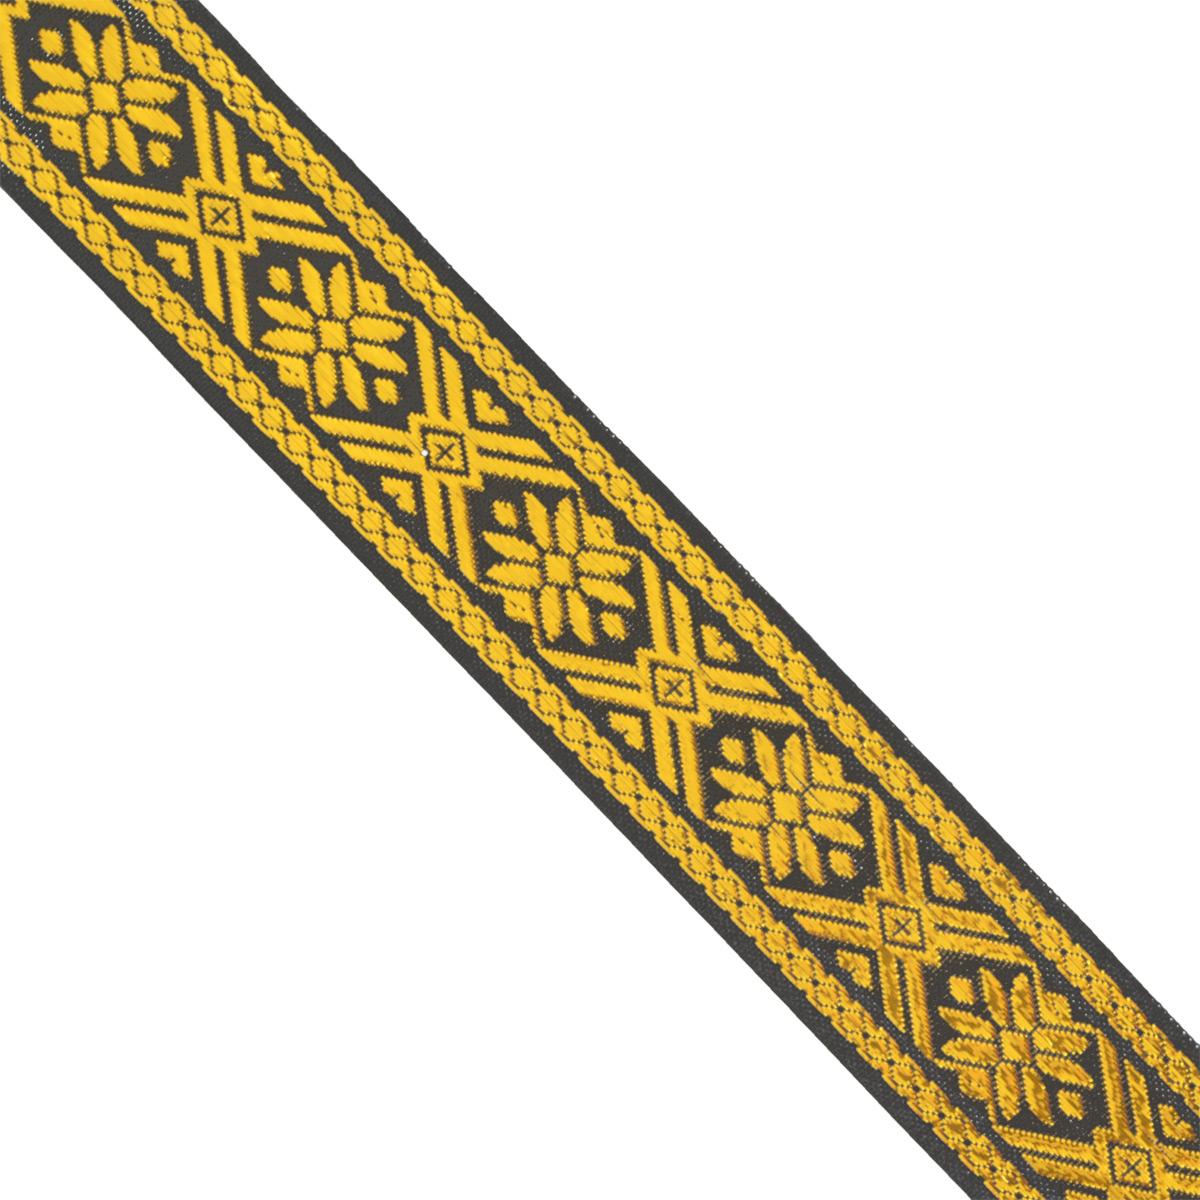 Тесьма декоративная Астра, цвет: черный, ширина 3 см, длина 32,8 м. 77033647703364_черный/золотоДекоративная тесьма Астра выполнена из текстиля и оформлена оригинальным орнаментом. Такая тесьма идеально подойдет для оформления различных творческих работ таких, как скрапбукинг, аппликация, декор коробок и открыток и многое другое. Тесьма наивысшего качества и практична в использовании. Она станет незаменимым элементом в создании рукотворного шедевра. Ширина: 3 см. Длина: 32,8 м.